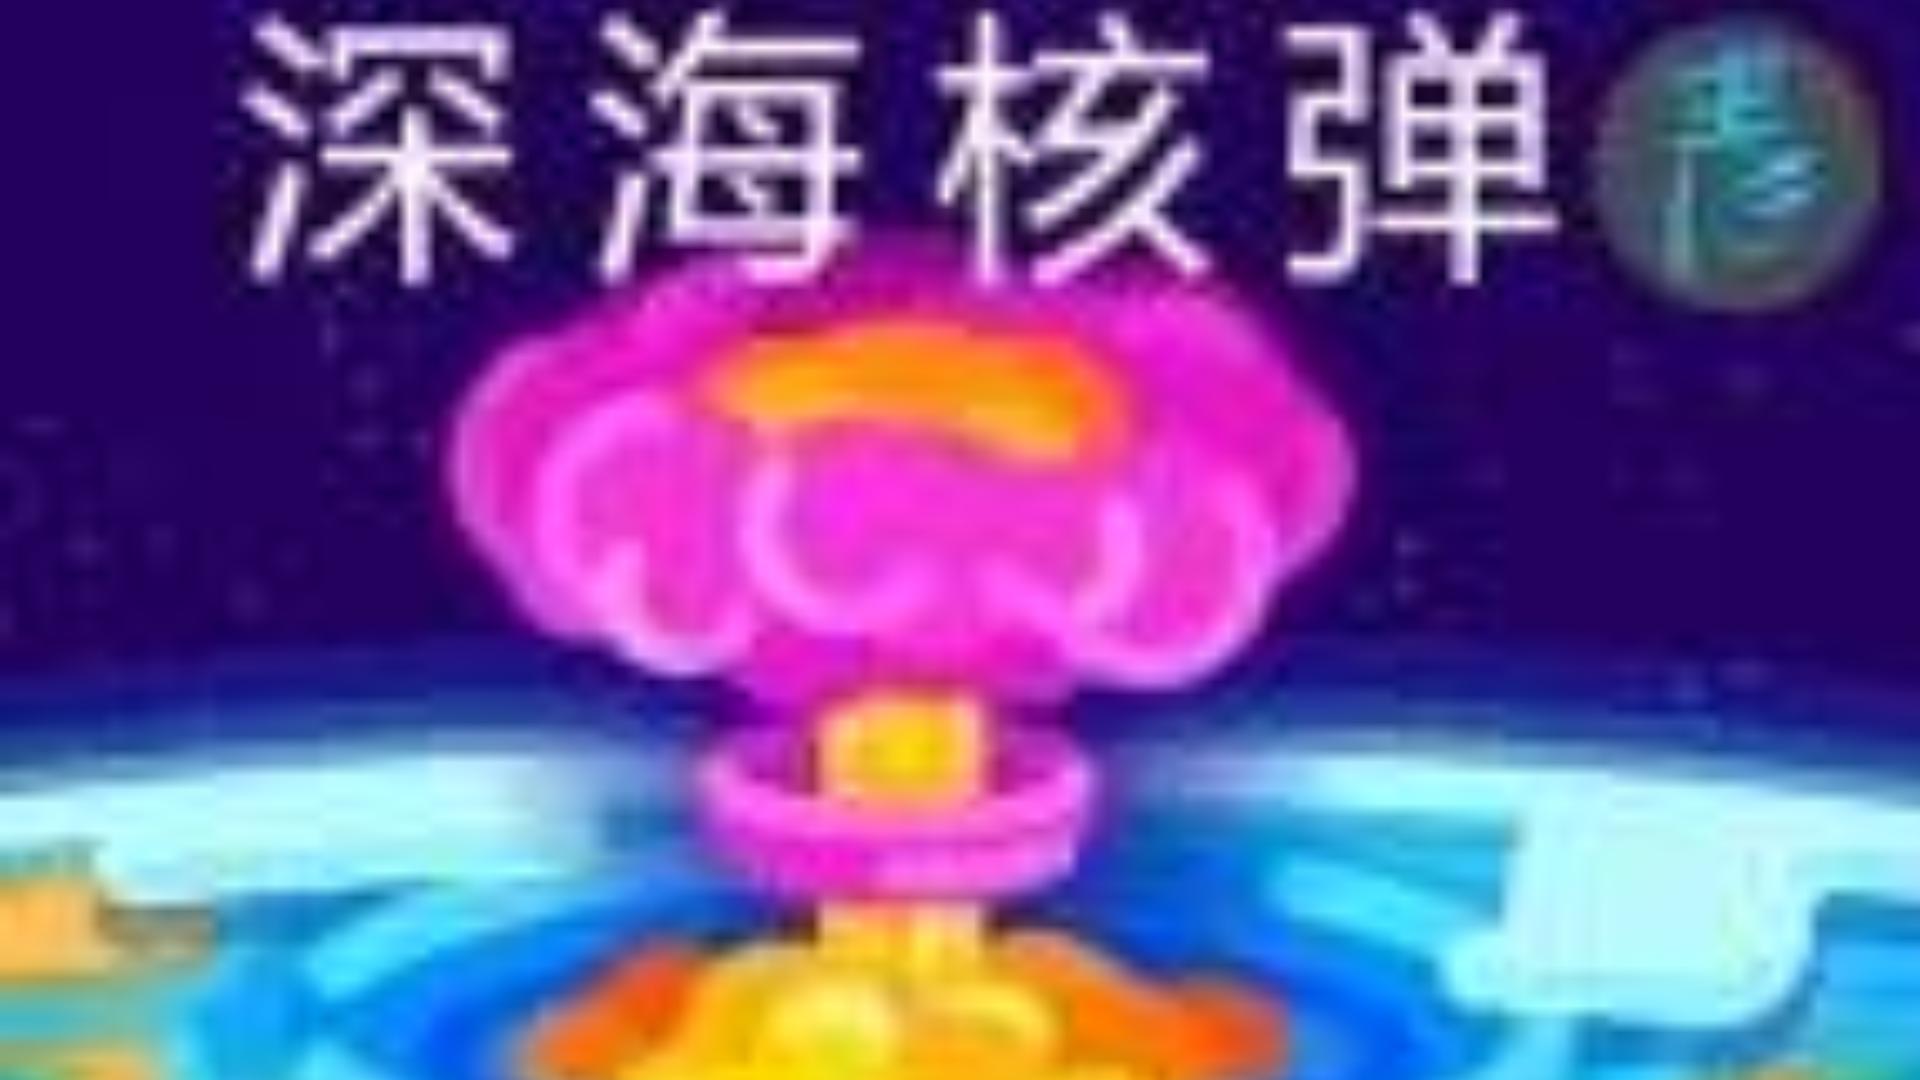 在最深的海沟引爆最强核弹@青知字幕组